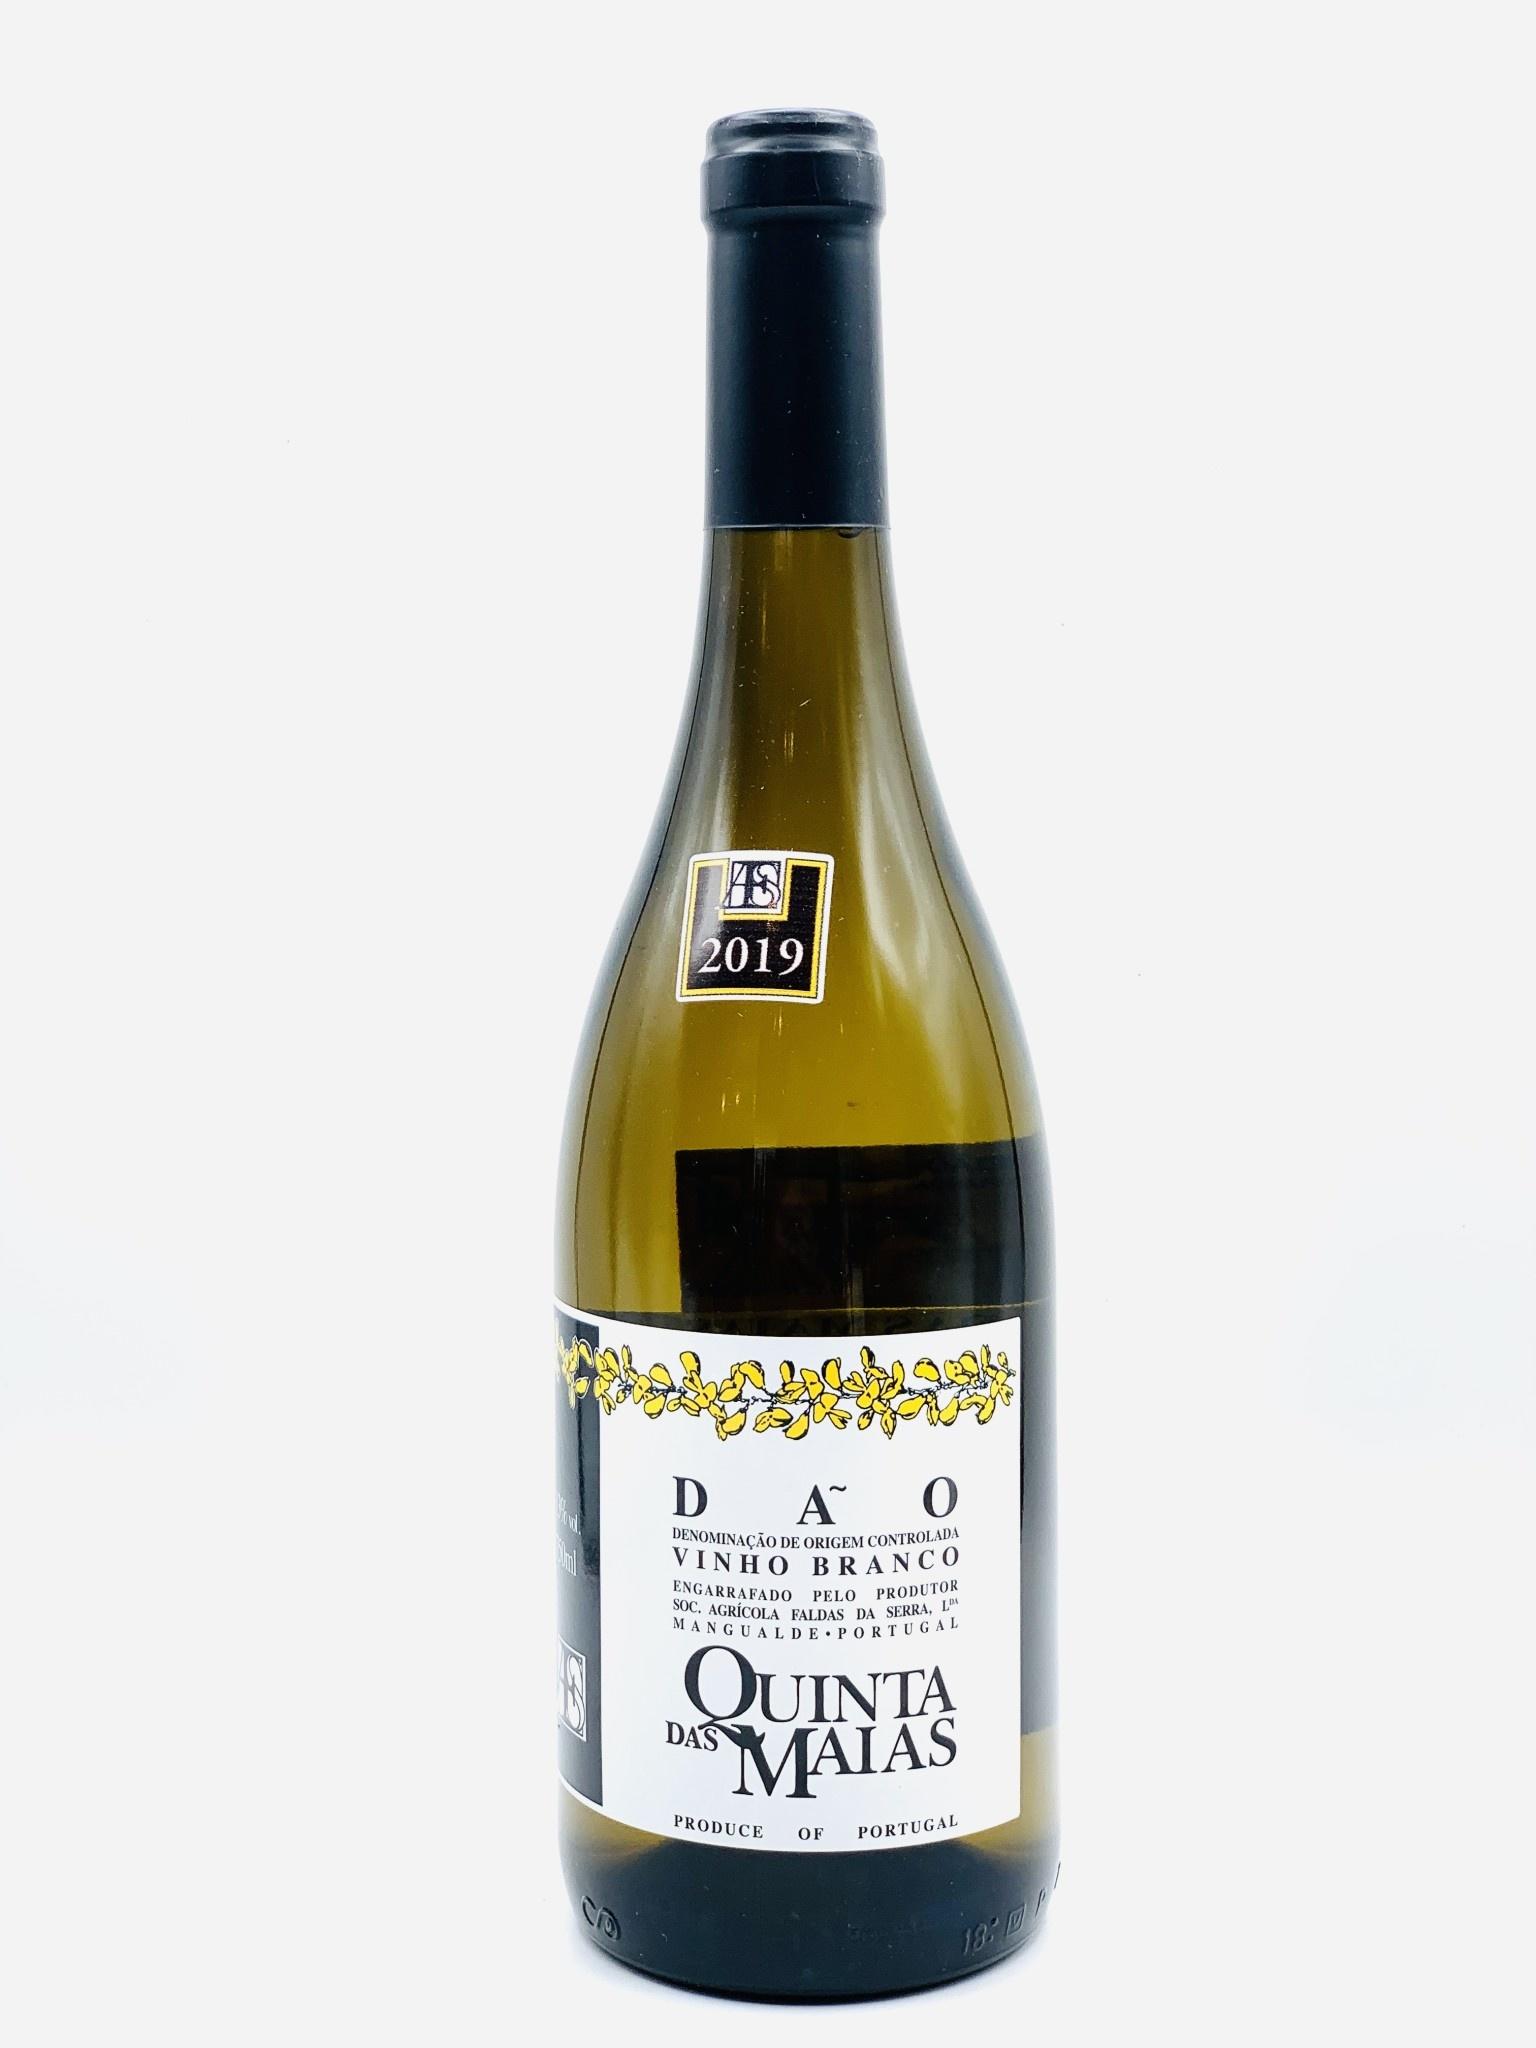 DAO Vinho Branco 2019 Quinta das Maias  750ml